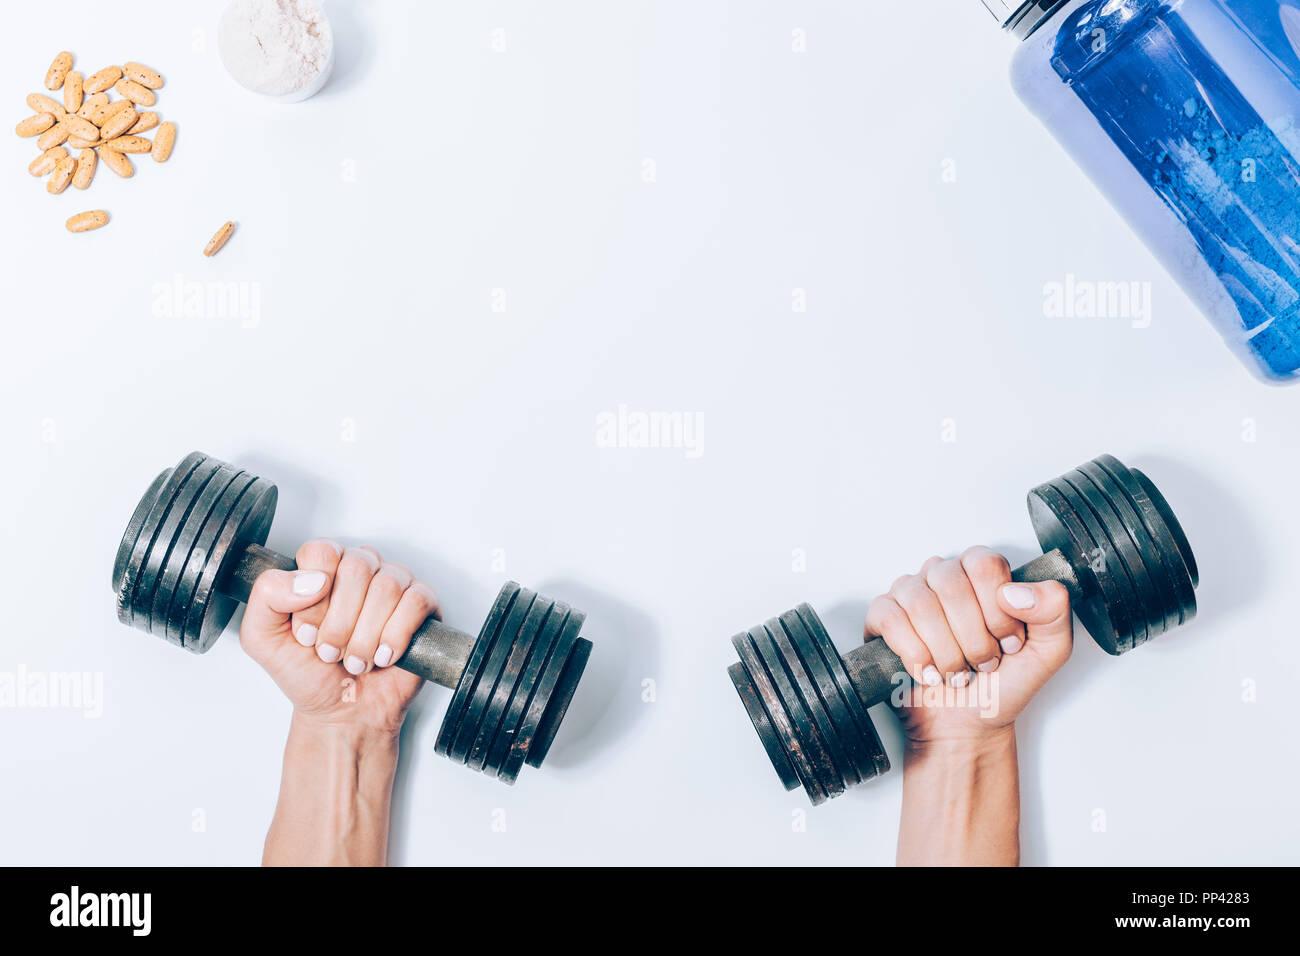 Télévision femme modèle mains tenant des haltères en métal à côté de la protéine en poudre et de vitamine comprimés, vue du dessus. Concept de l'amélioration de la force corporelle à l'aide de lourdes nous Banque D'Images